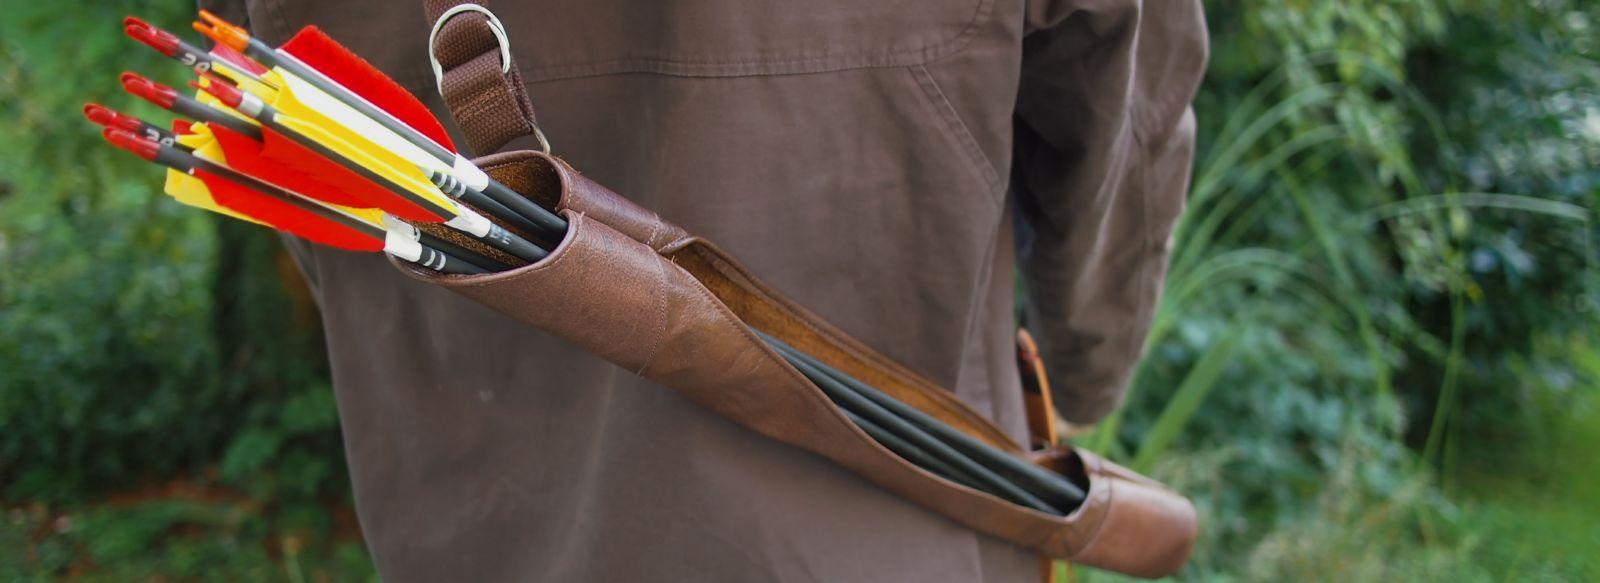 Upshot Archery Sidedraw Quiver - Auf dem Rücken